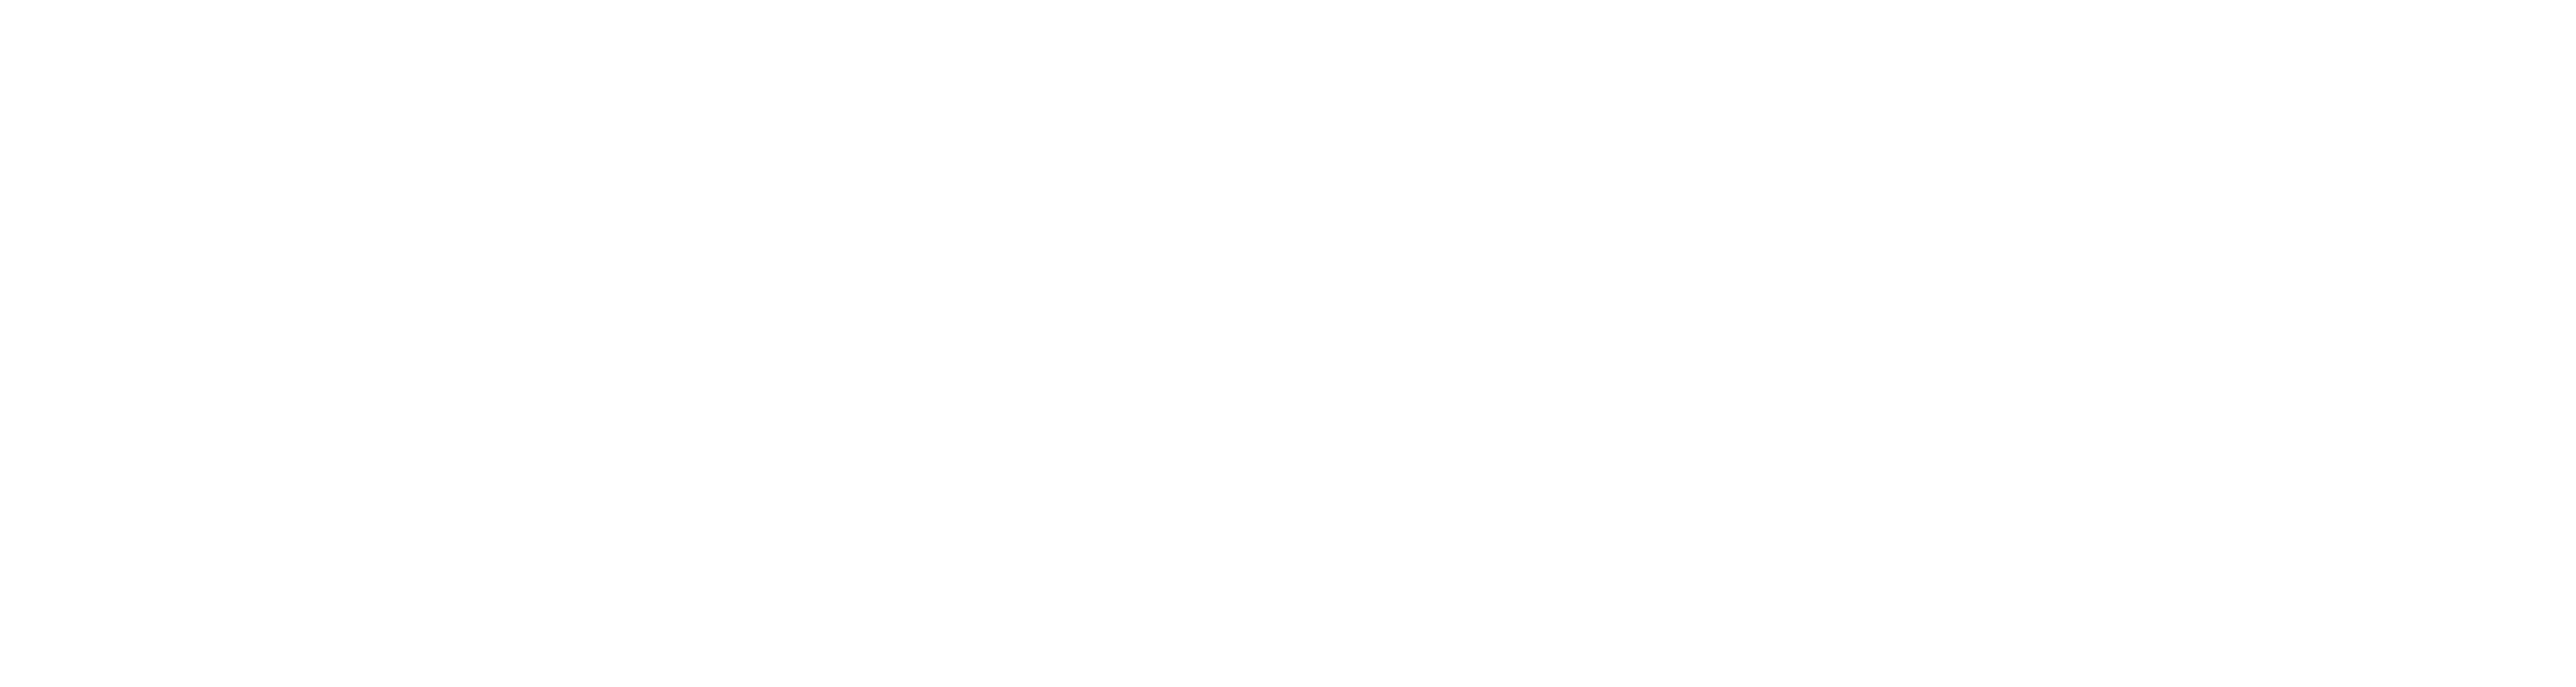 UNISC